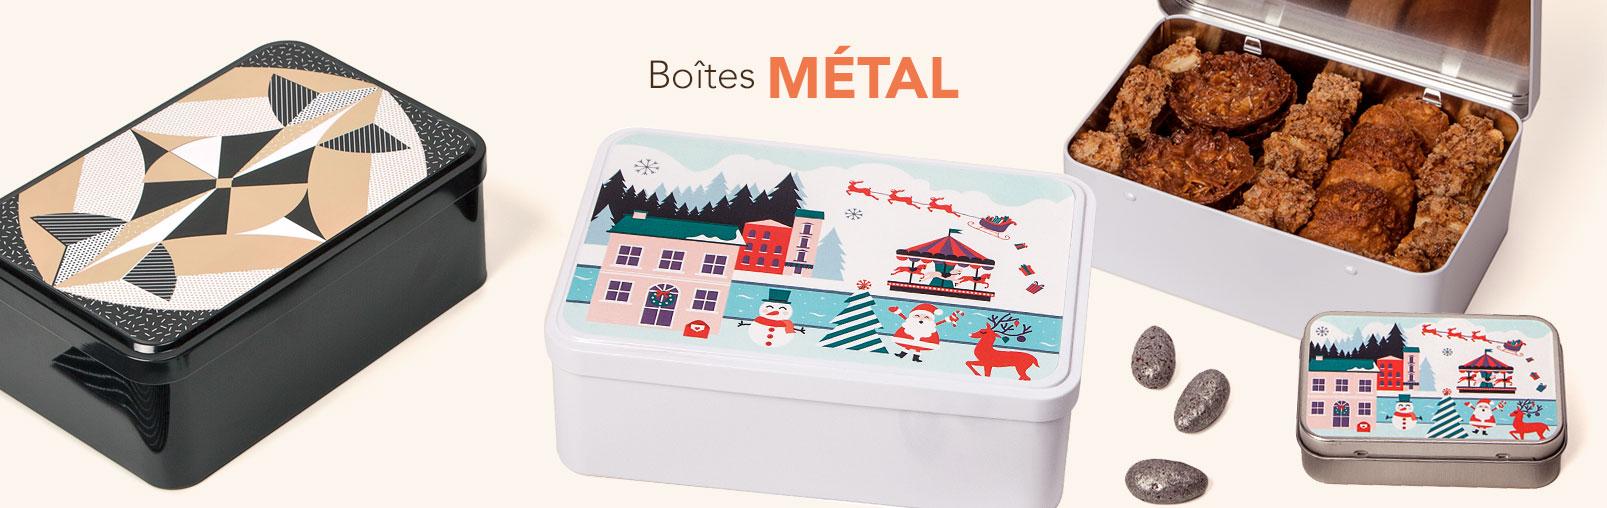 Boites METAL